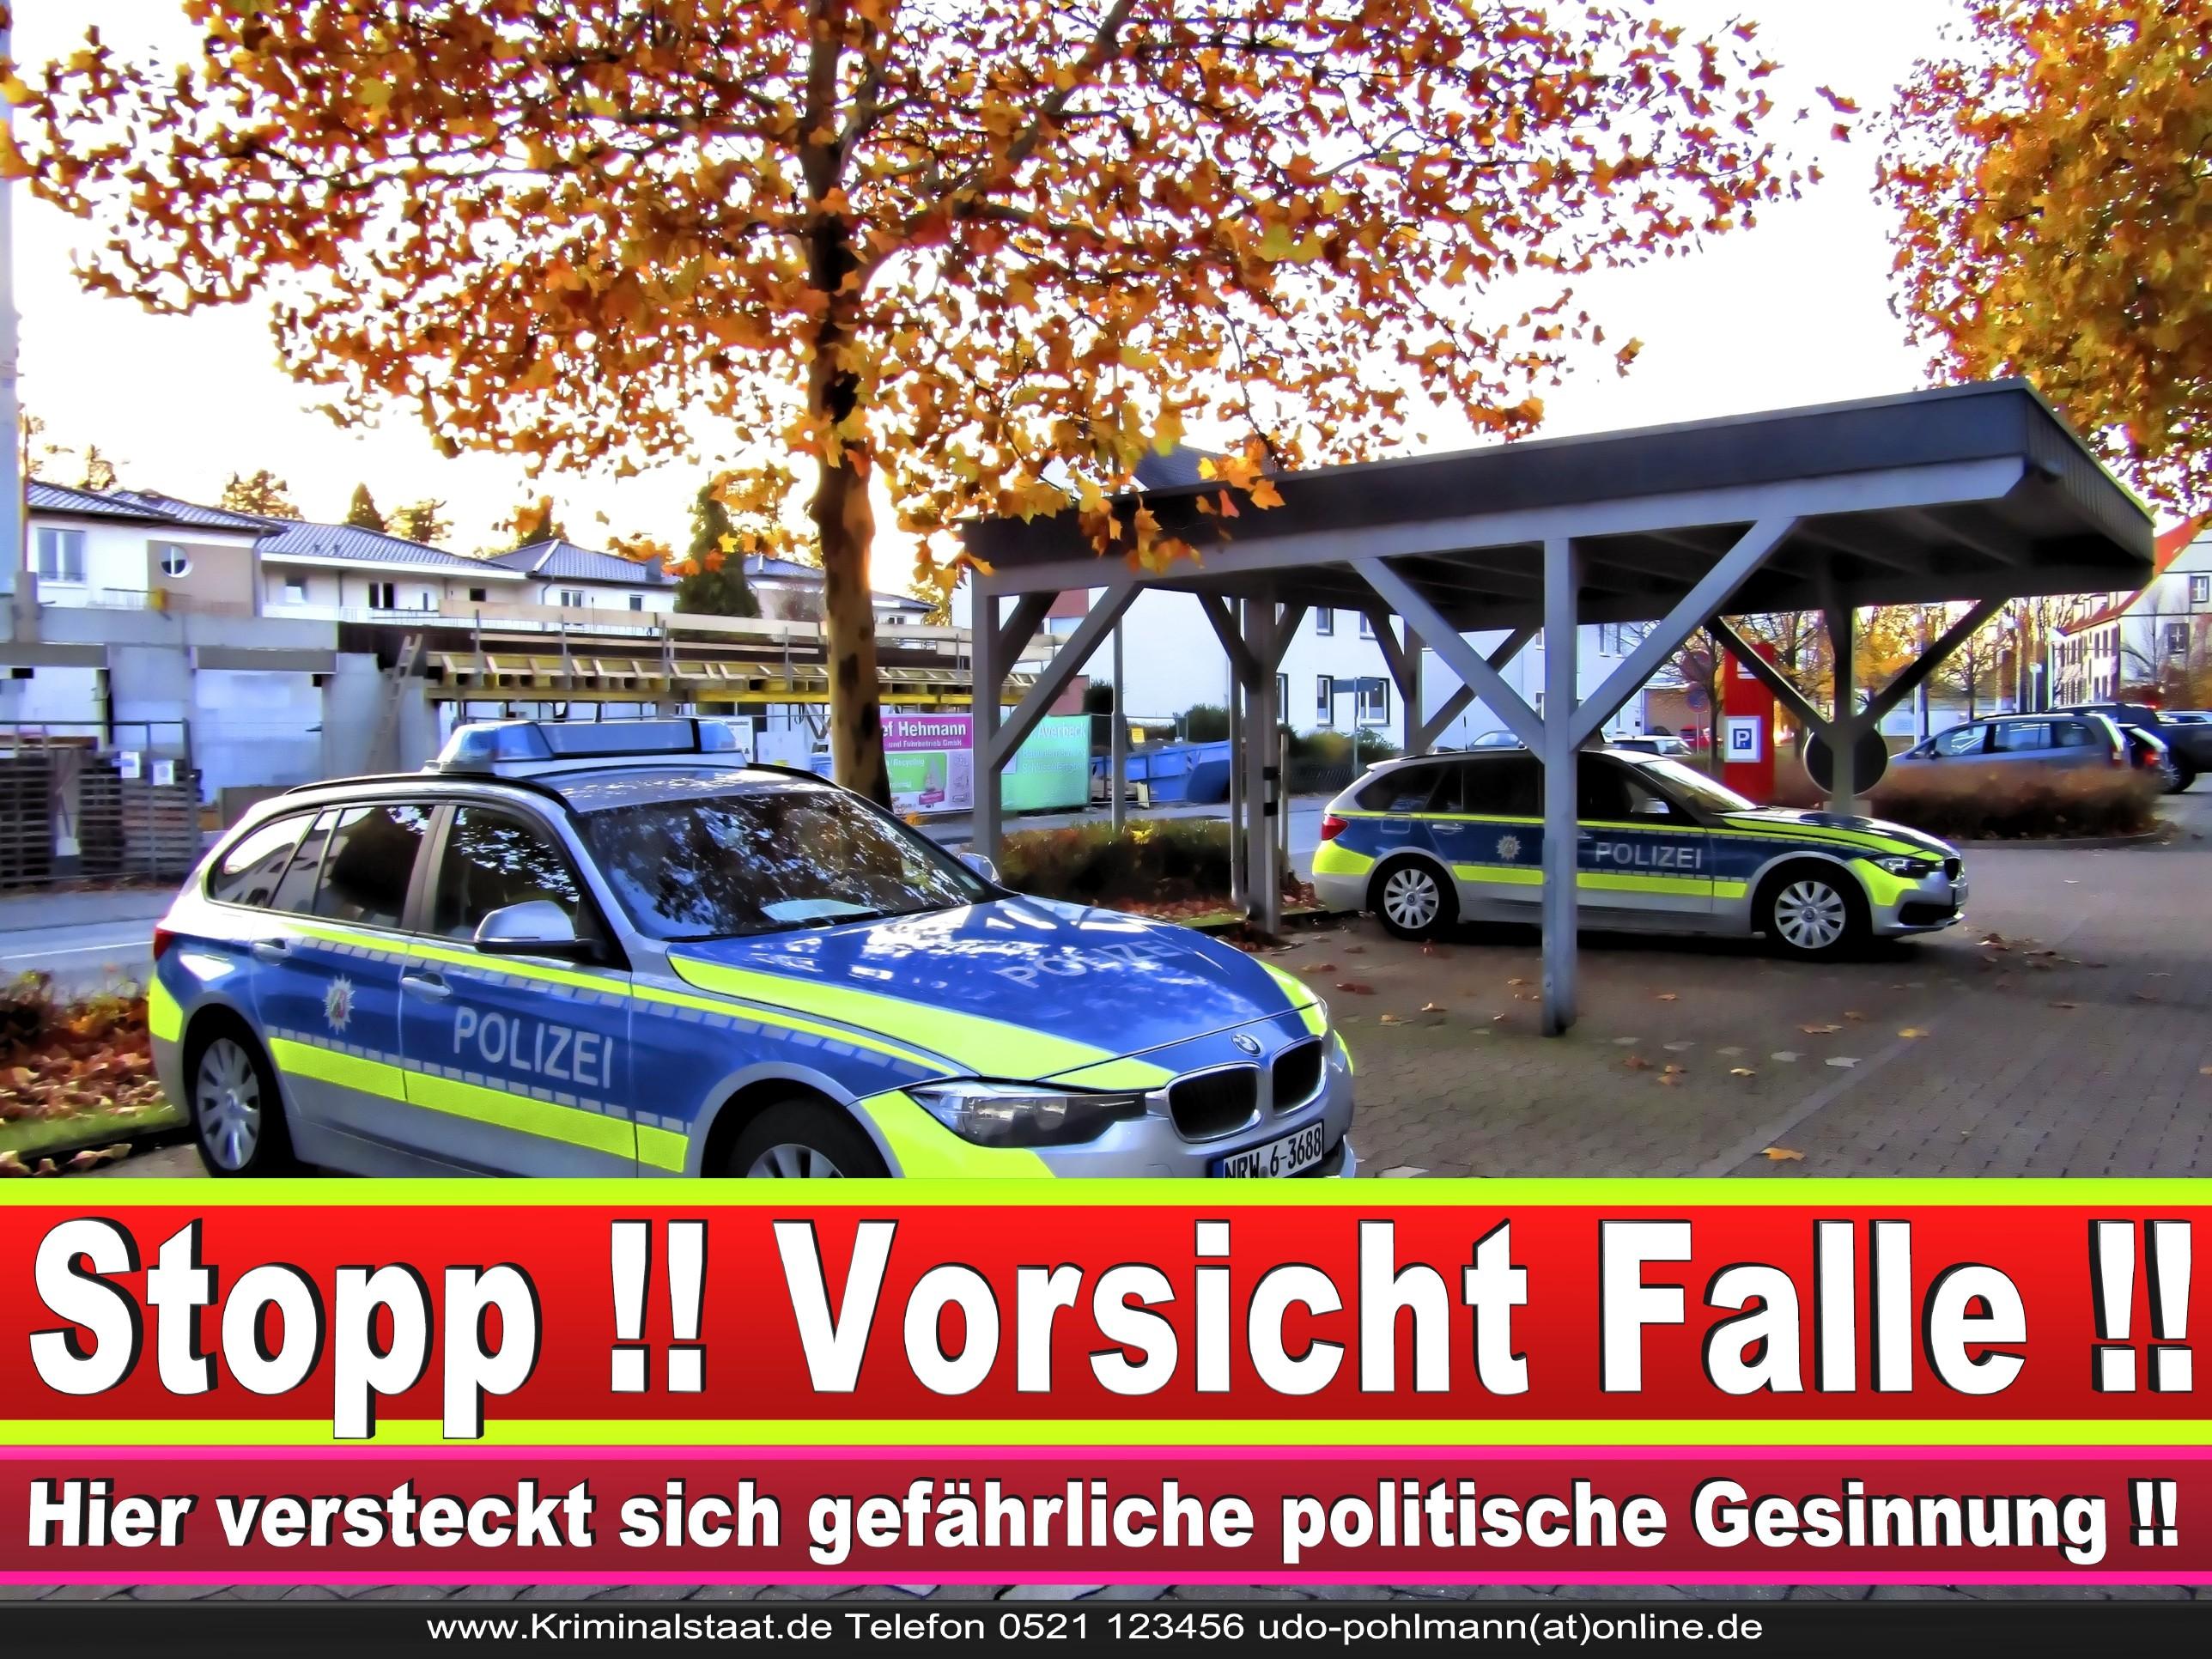 Polizei Halle Westfalen Kättkenstraße 7 33790 Halle Westfalen 1